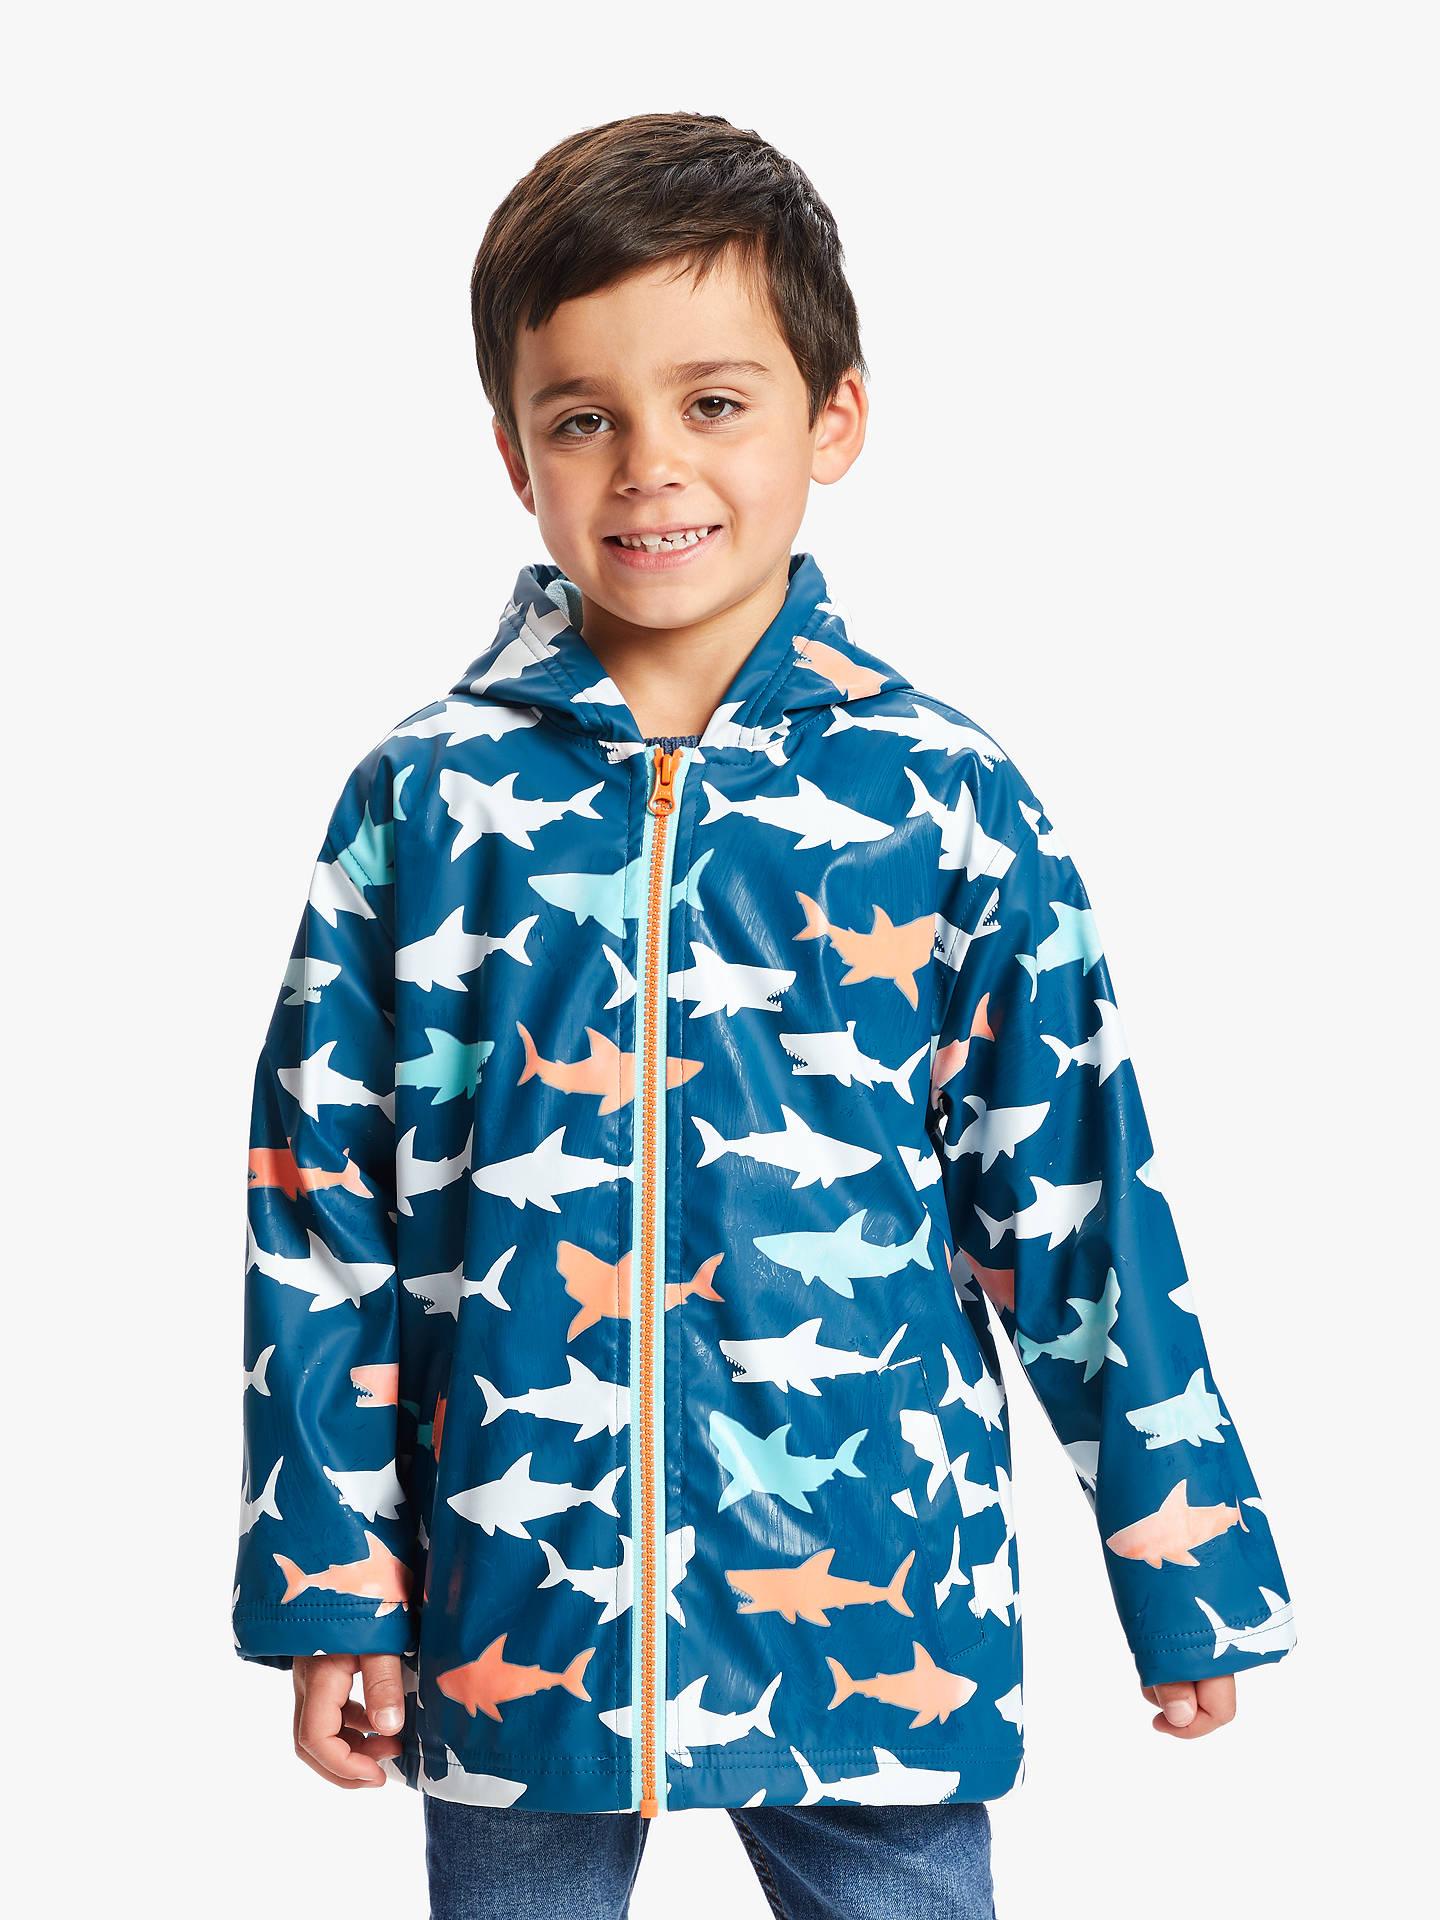 Hatley boys Splash Jacket